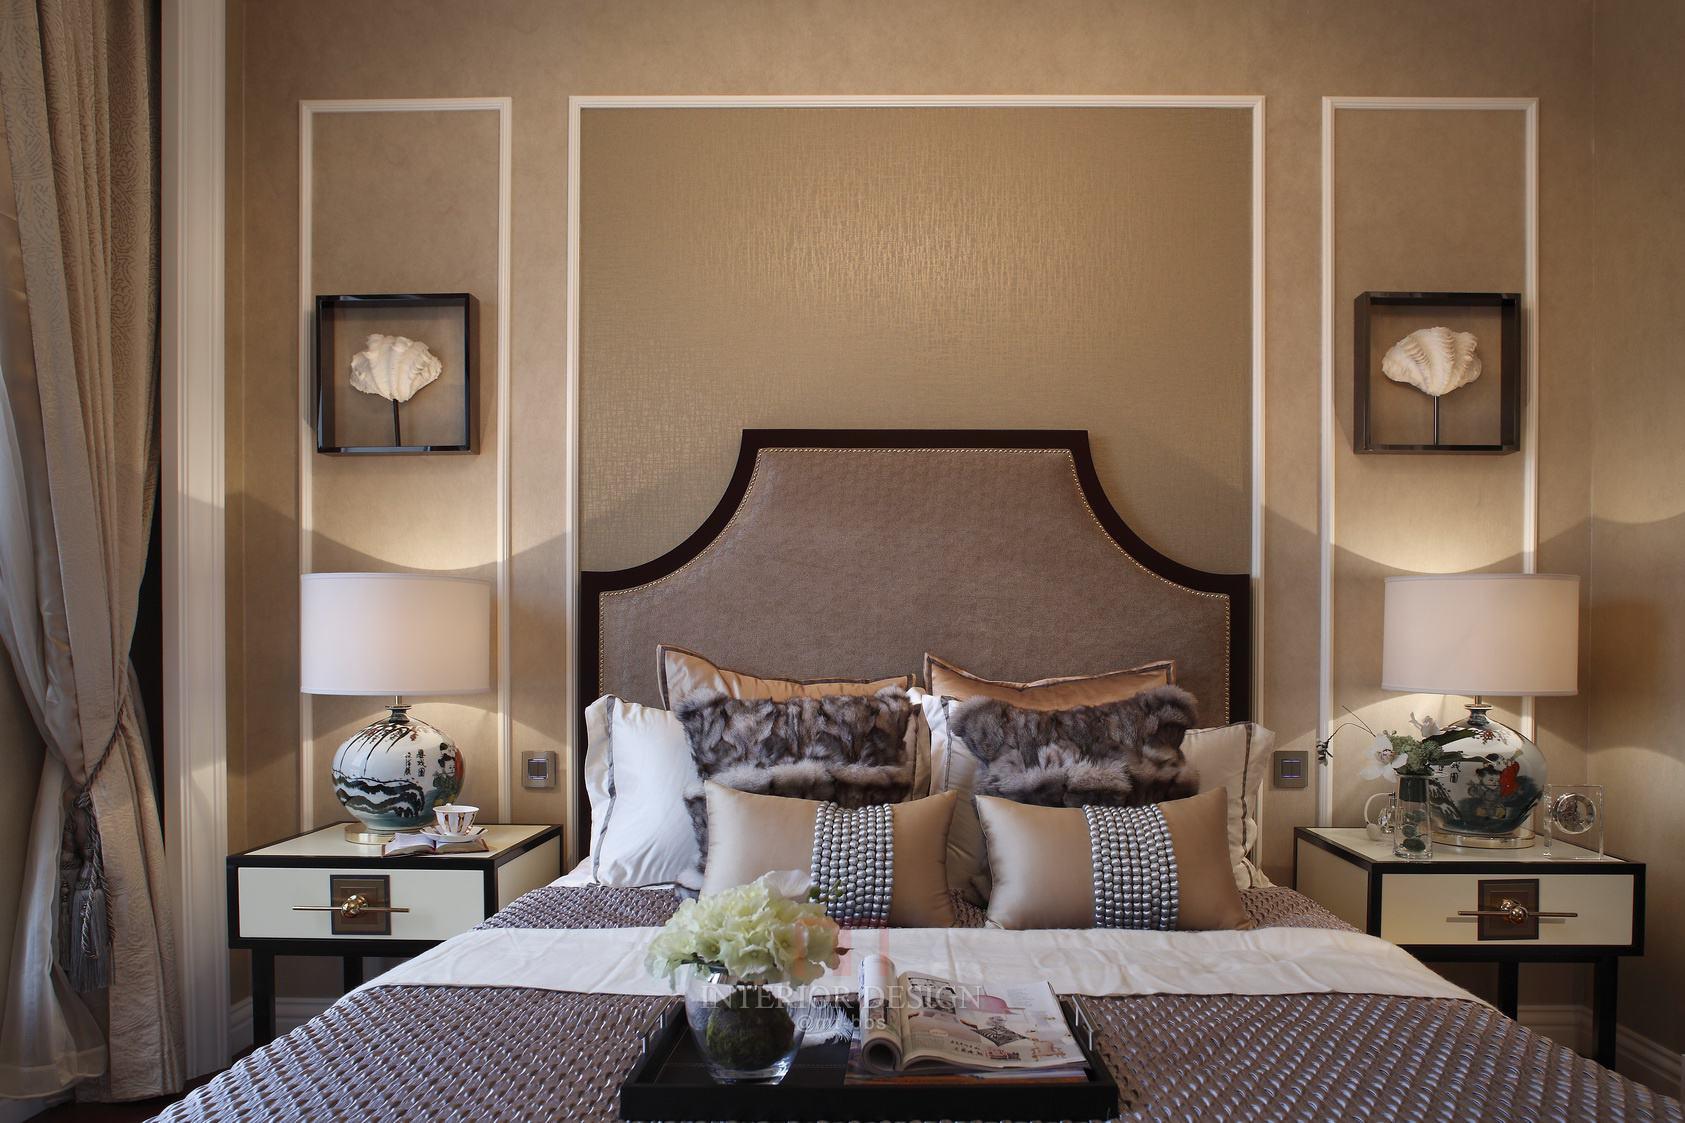 美式卧室 马赛克床头背景墙效果图图片